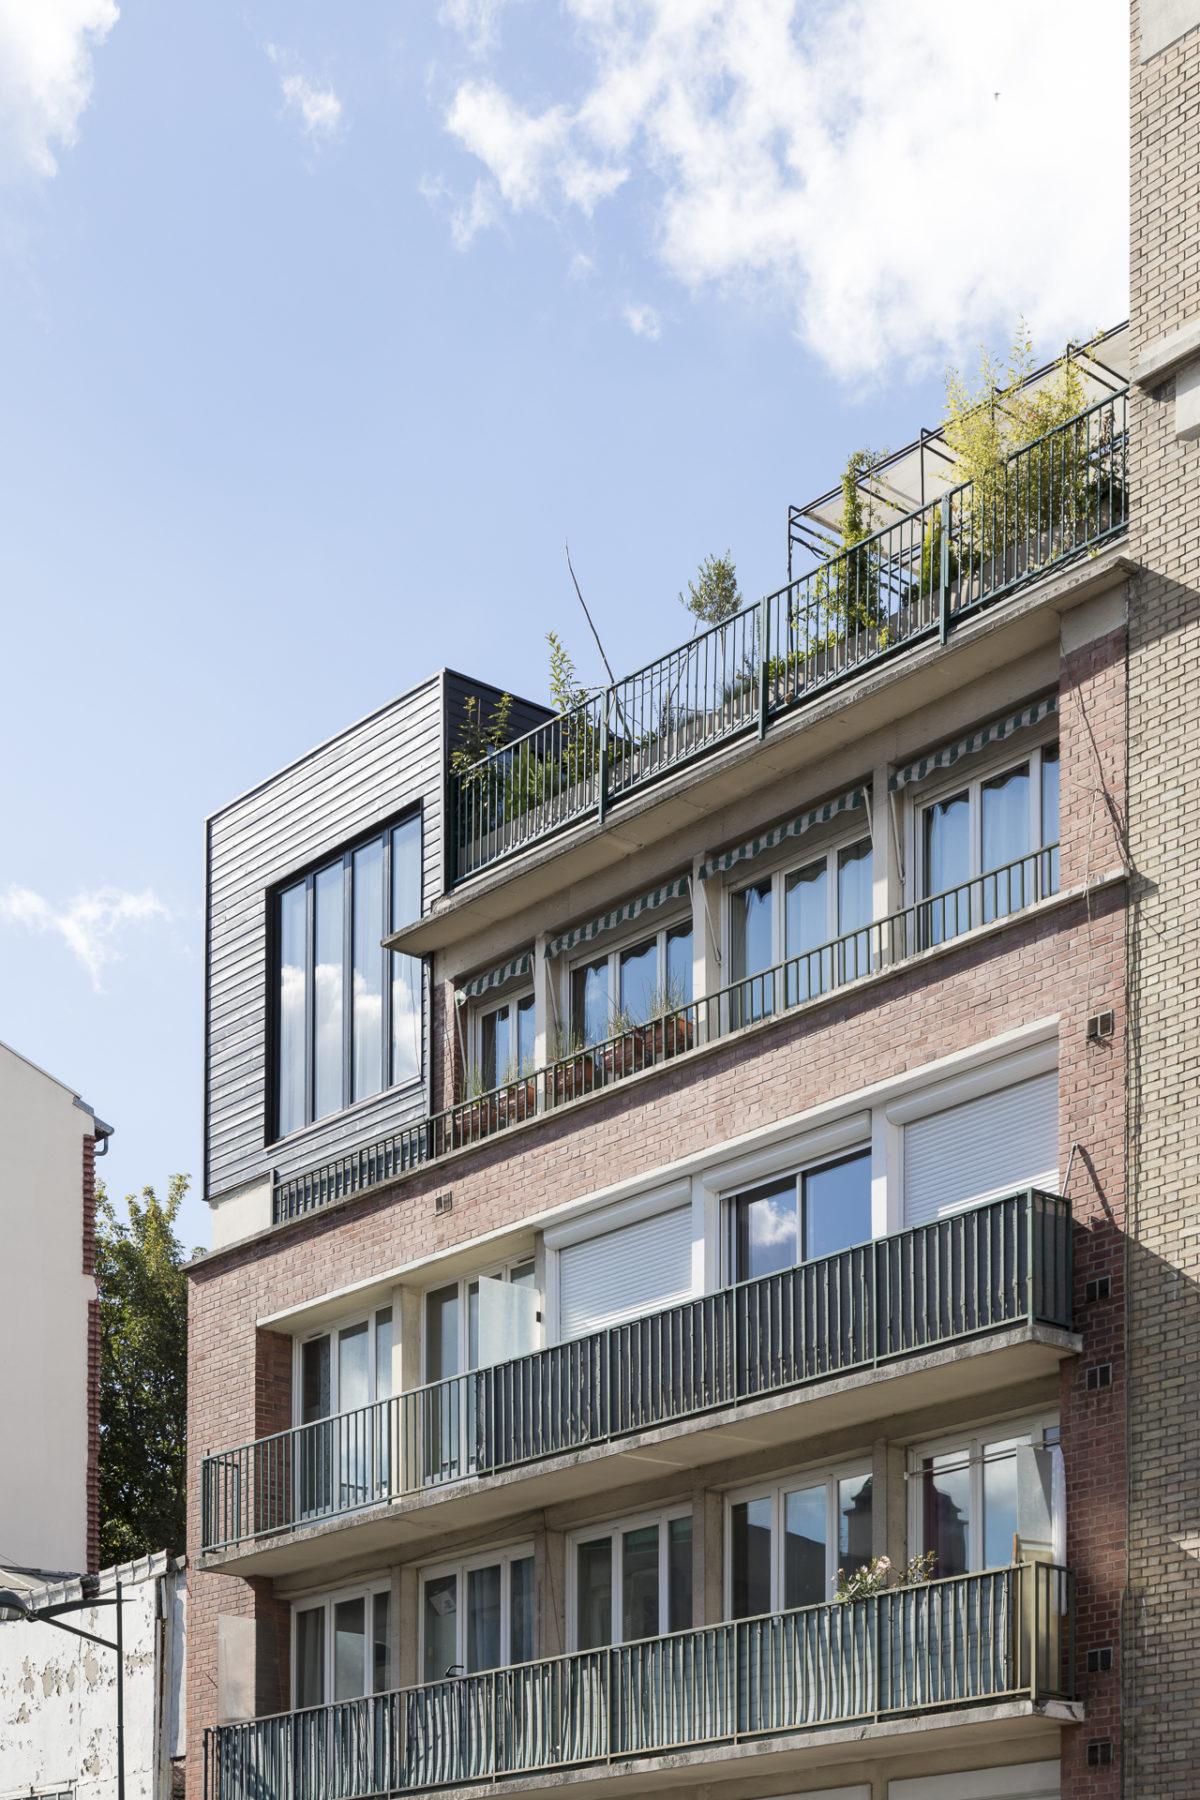 Extension en bois noir, terrasse paris, architecture contemporaine, exposition sud, fenêtre atelier